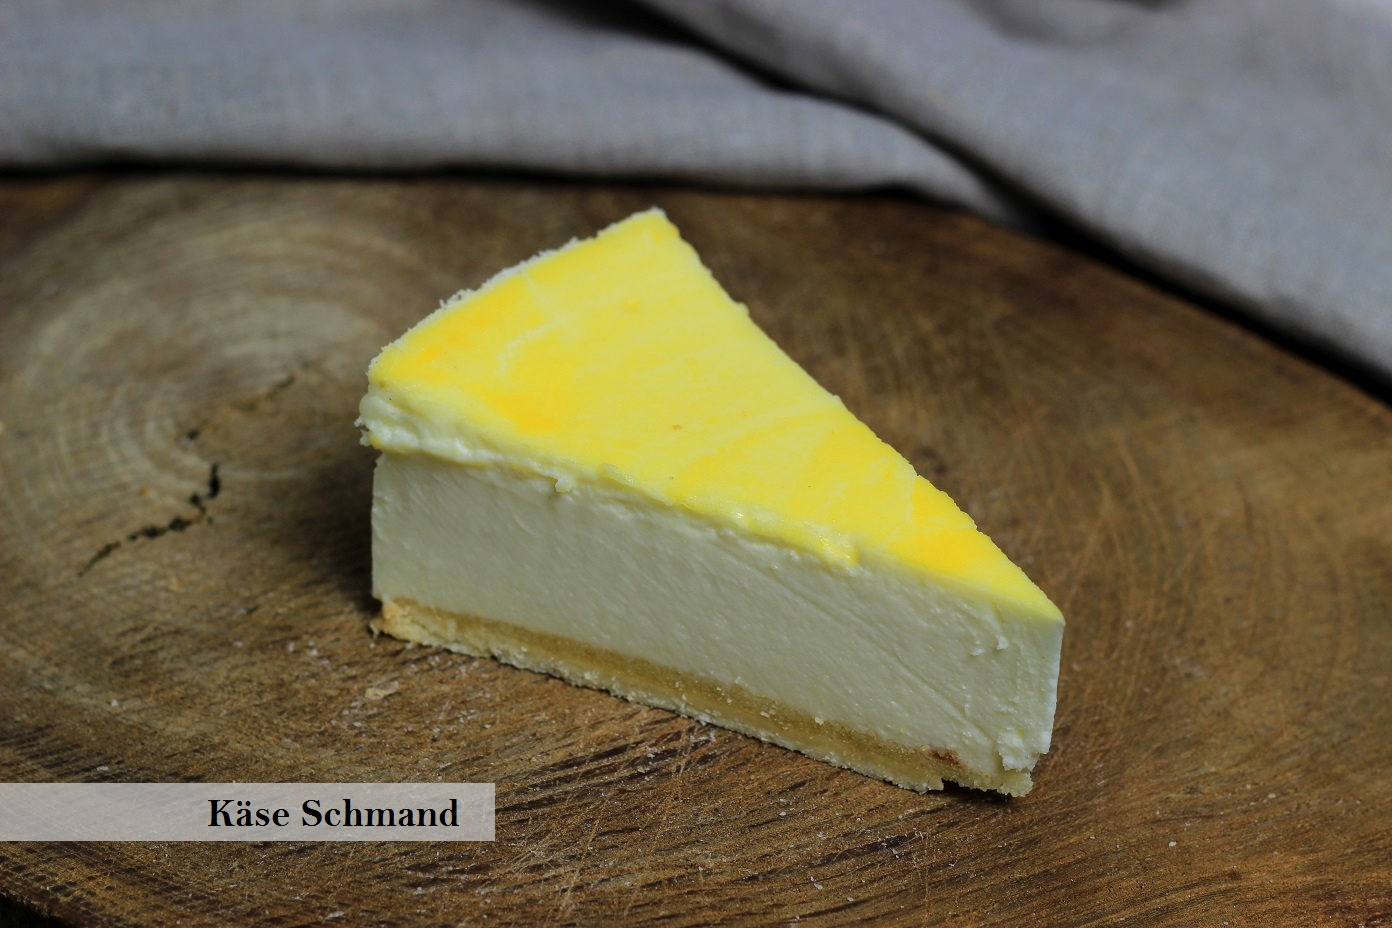 Käse Schmand beschriftet